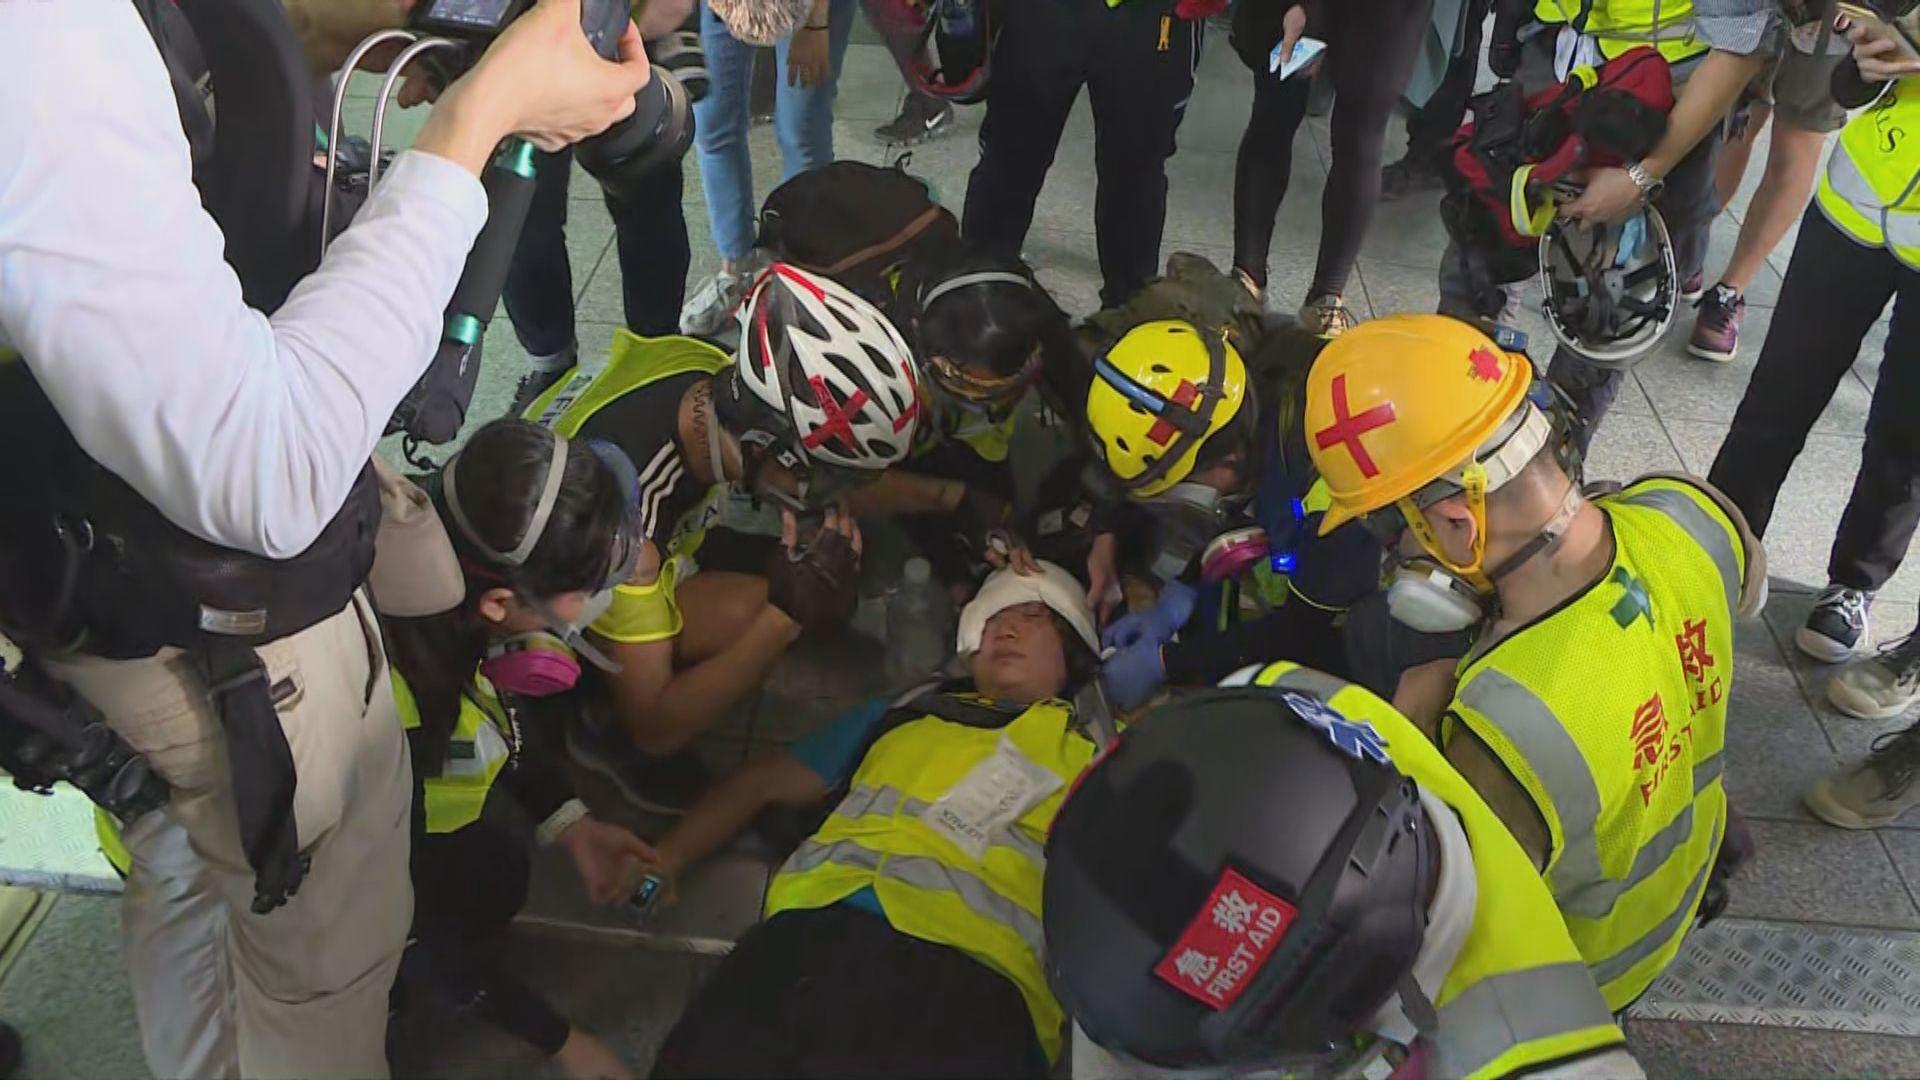 據了解疑中彈眼睛受傷女記者情況嚴重 警方指當時非刻意瞄準記者開槍